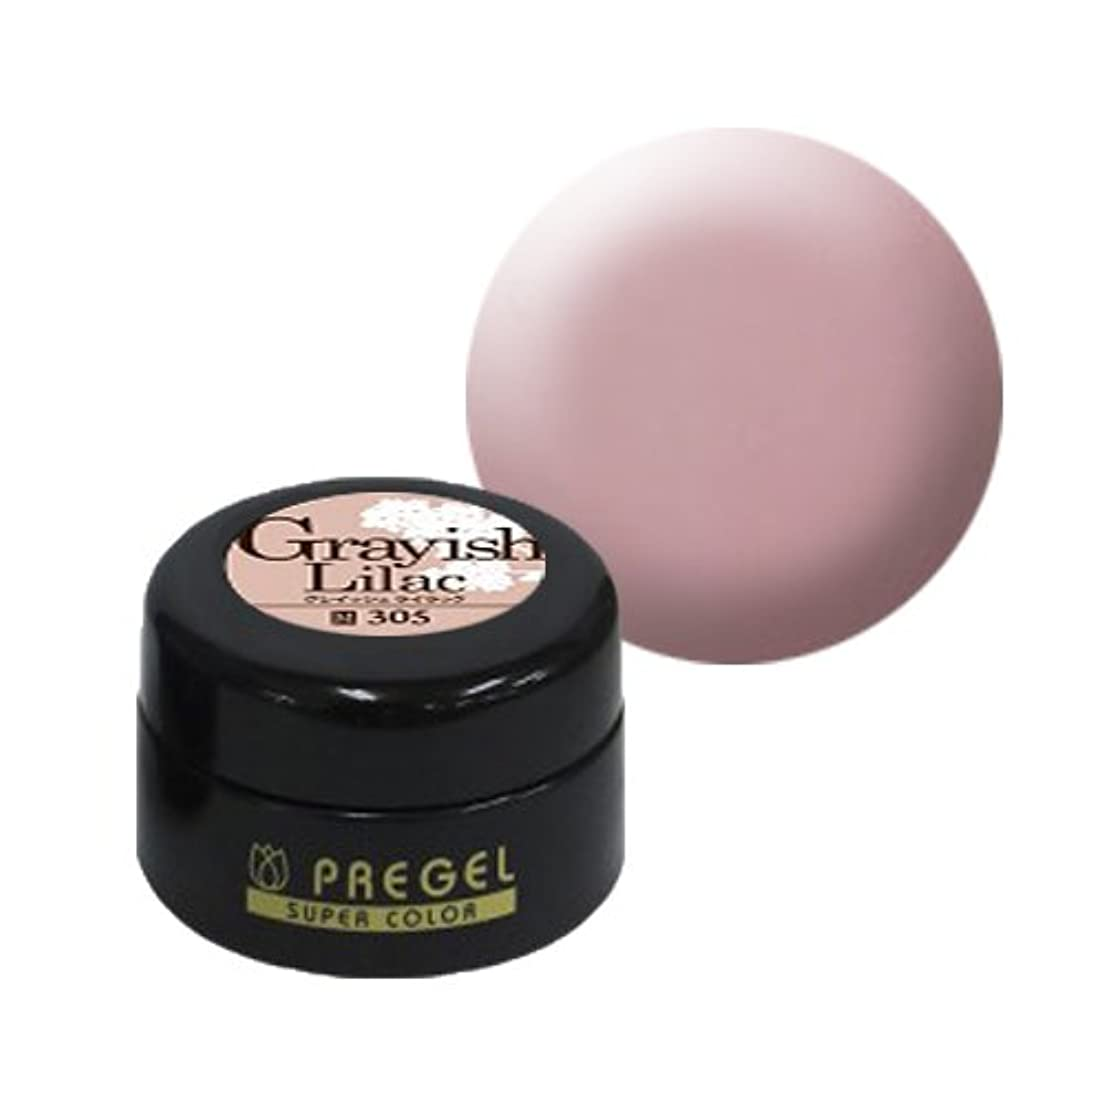 レンドピカソ代表して【PREGEL】カラーEx グレイッシュライラック / PG-CE305 【UV&LED】プリジェル カラージェル ジェルネイル用品